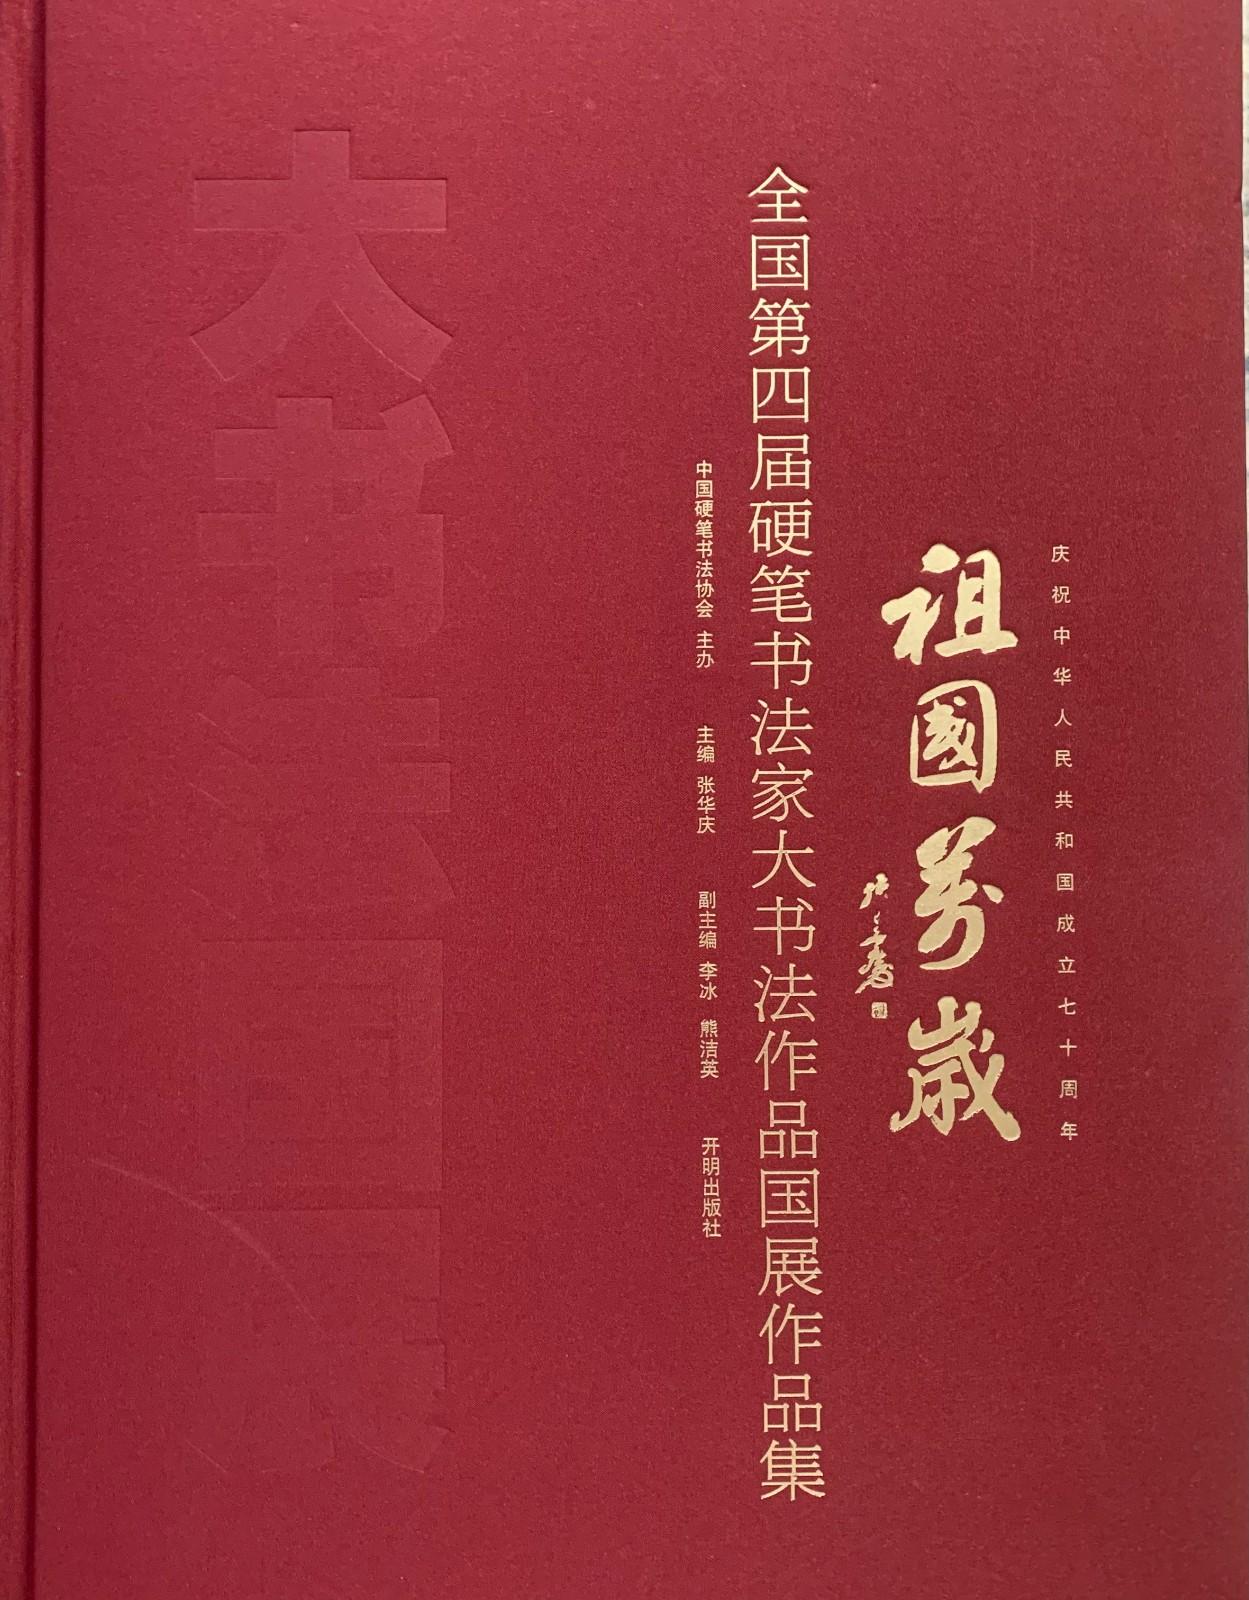 李兆银先生受聘擔任中國硬筆書法協會對外交流委員會美國事務總干事 ... ... ... ... . ..._图1-7